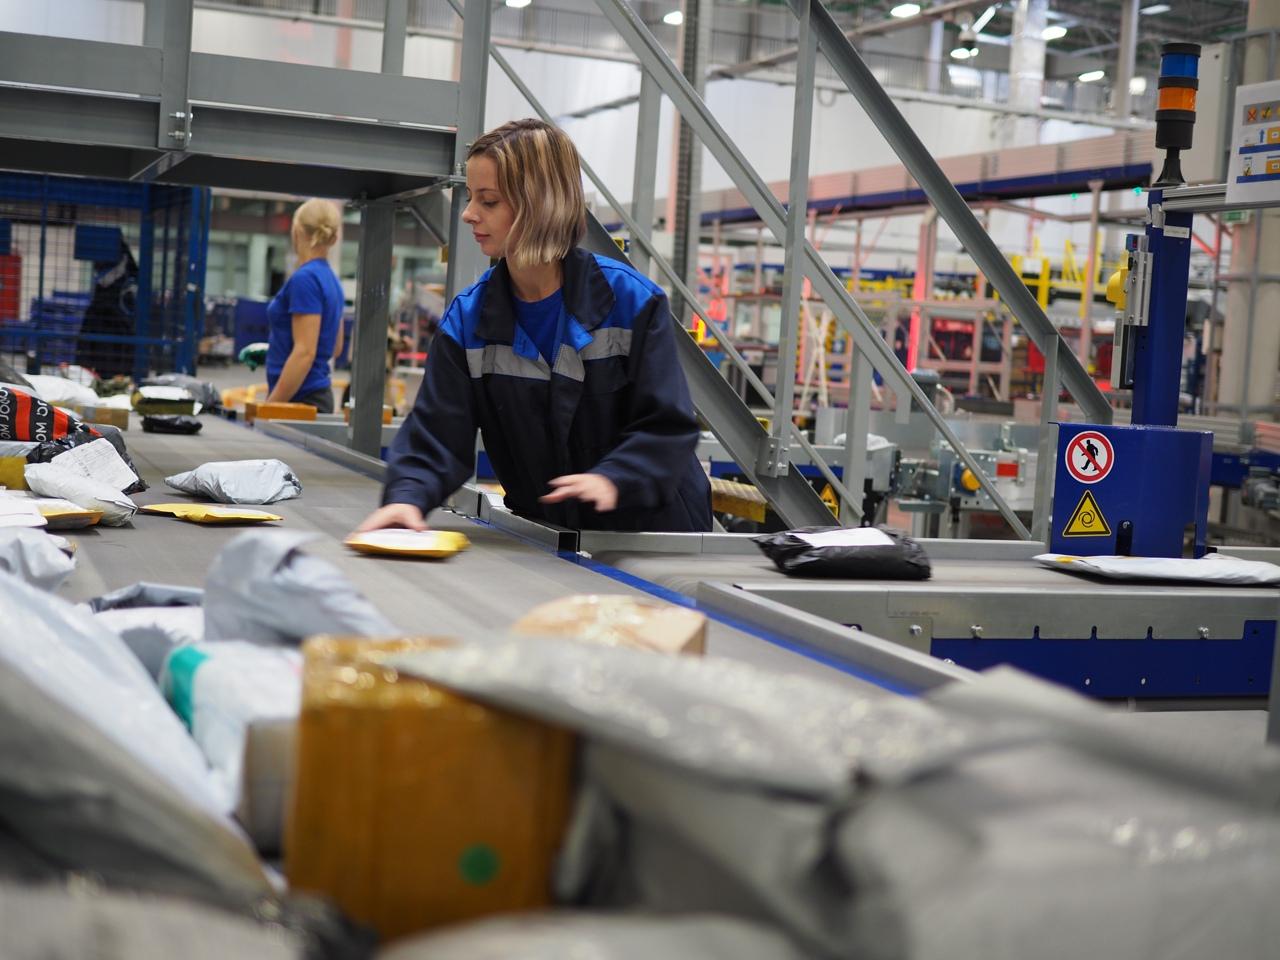 Почта России и AliExpress Россия заключили стратегическое партнерство о развитии совместной системы логистики